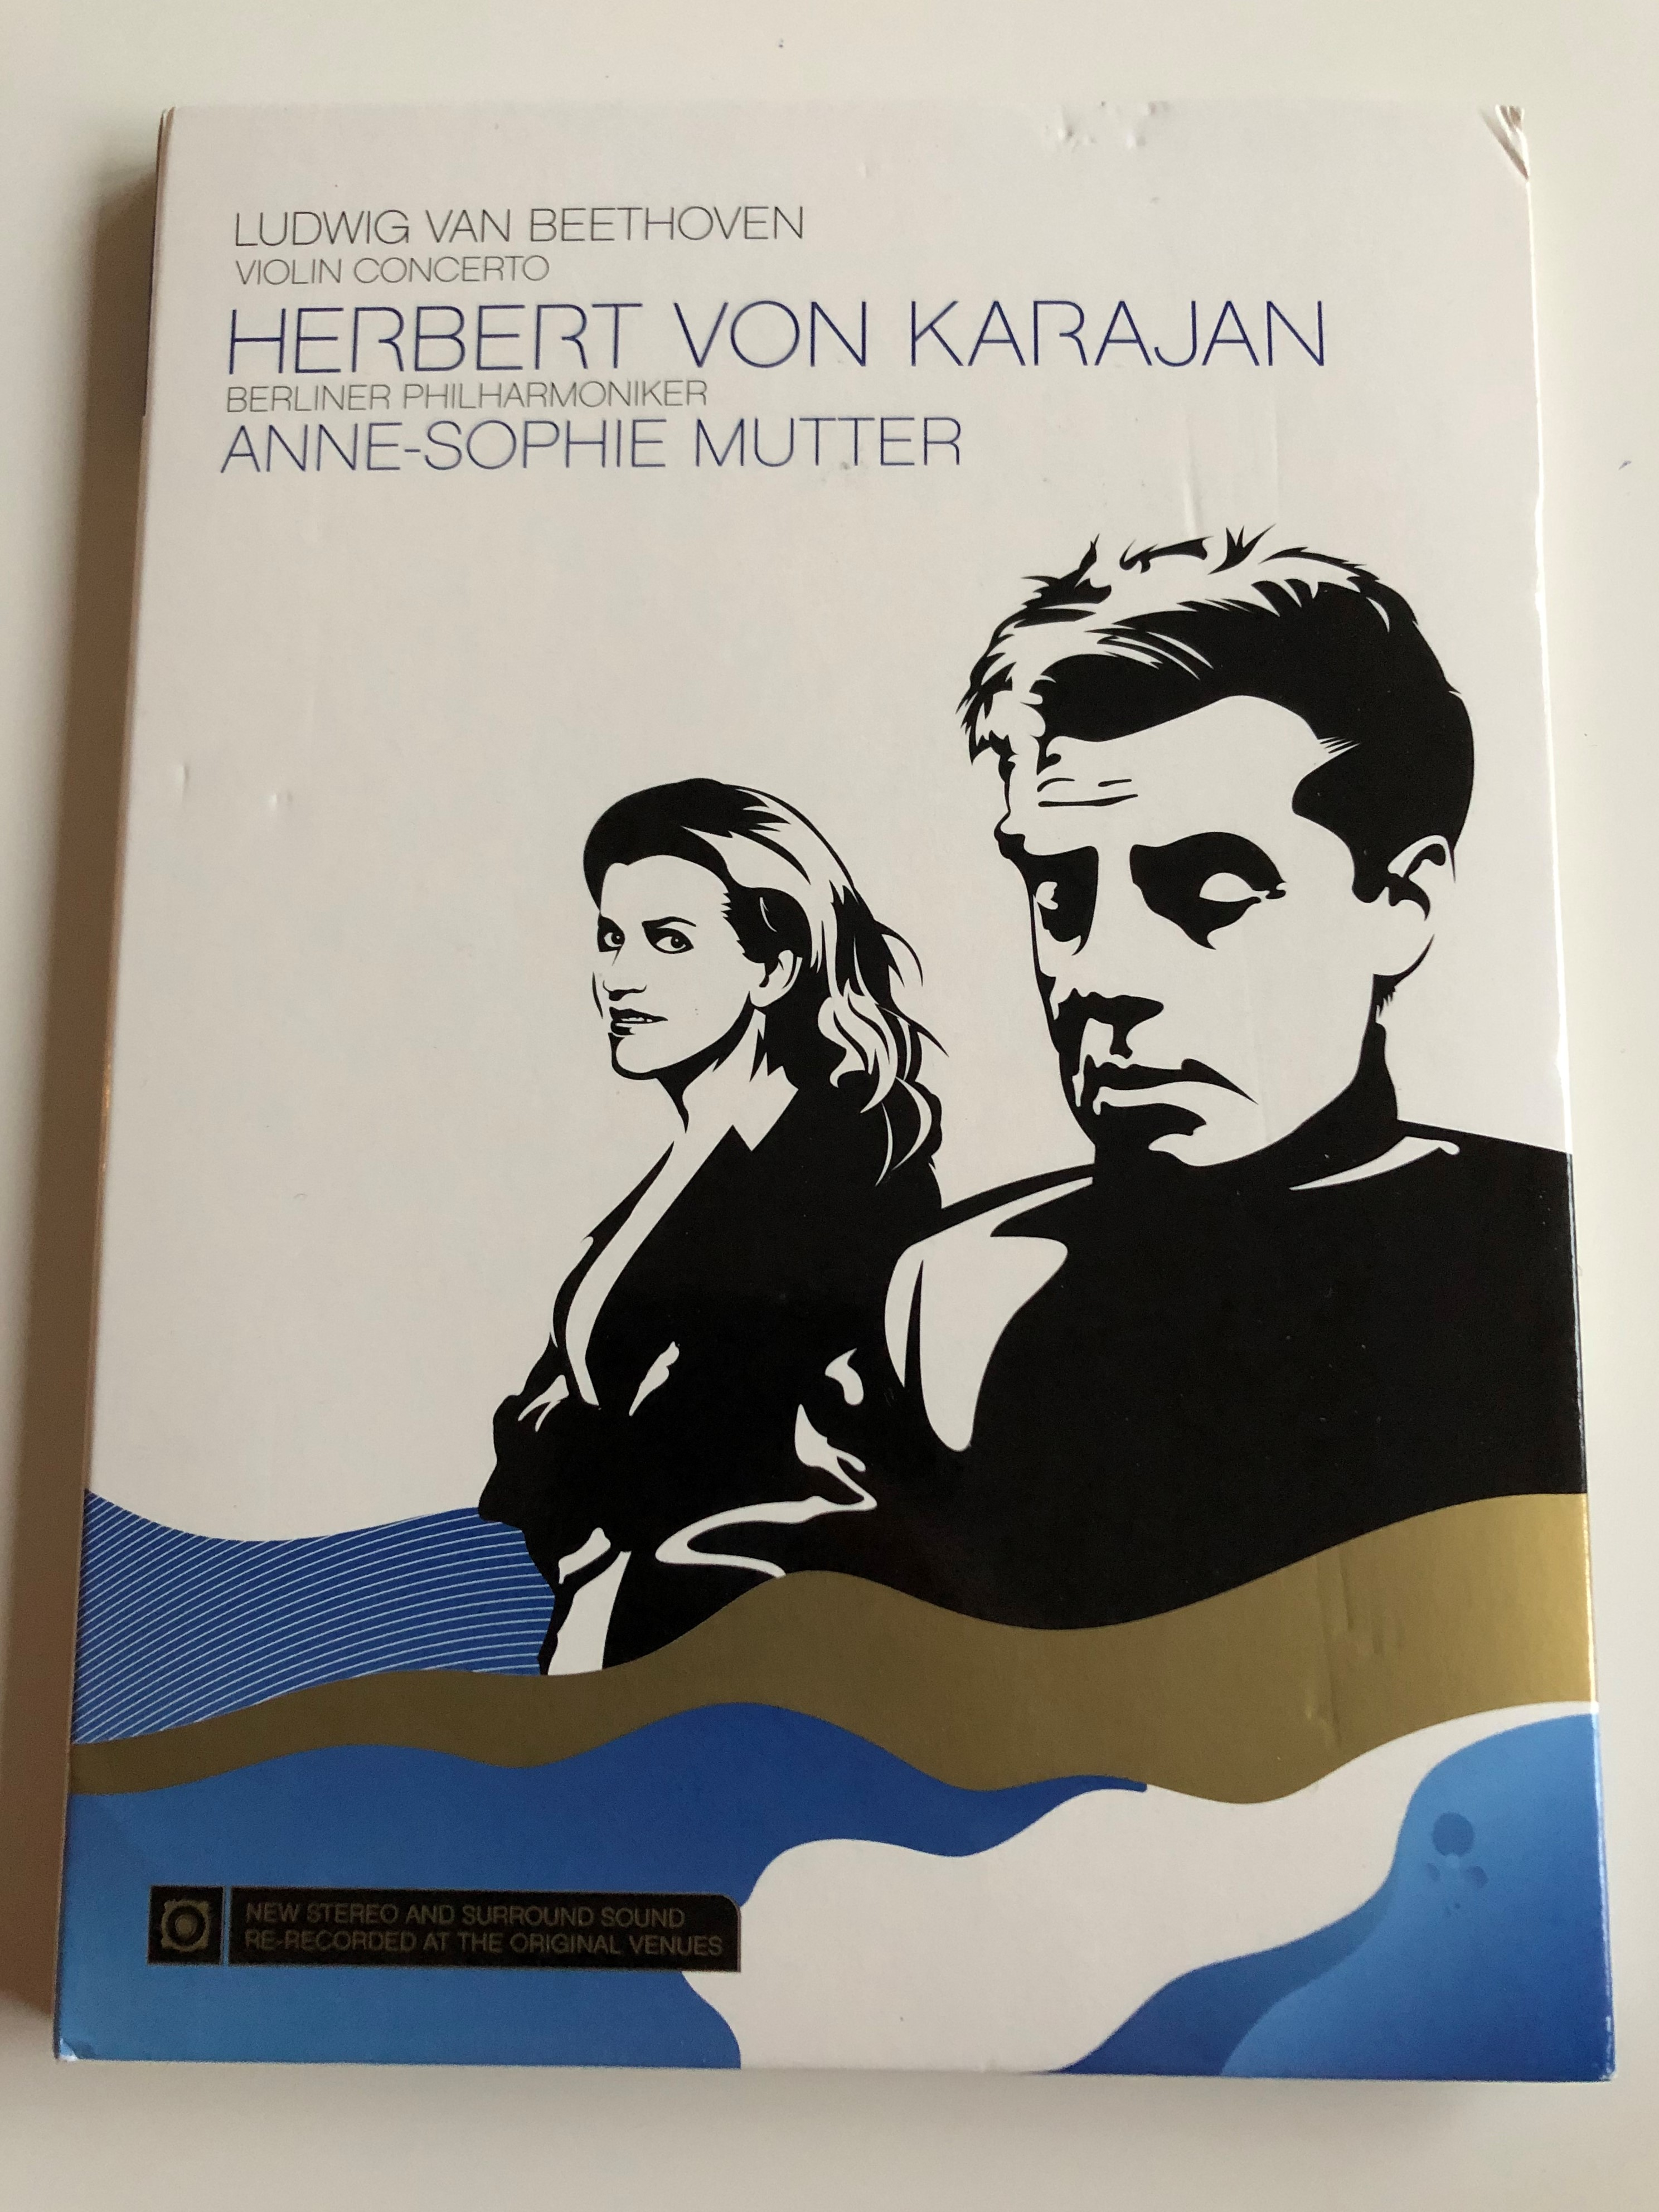 ludwig-van-beethoven-violin-concerto-op-61-dvd-2007-herbert-von-karajan-anne-sophie-mutter-violin-berlin-philharmoniker-1-.jpg